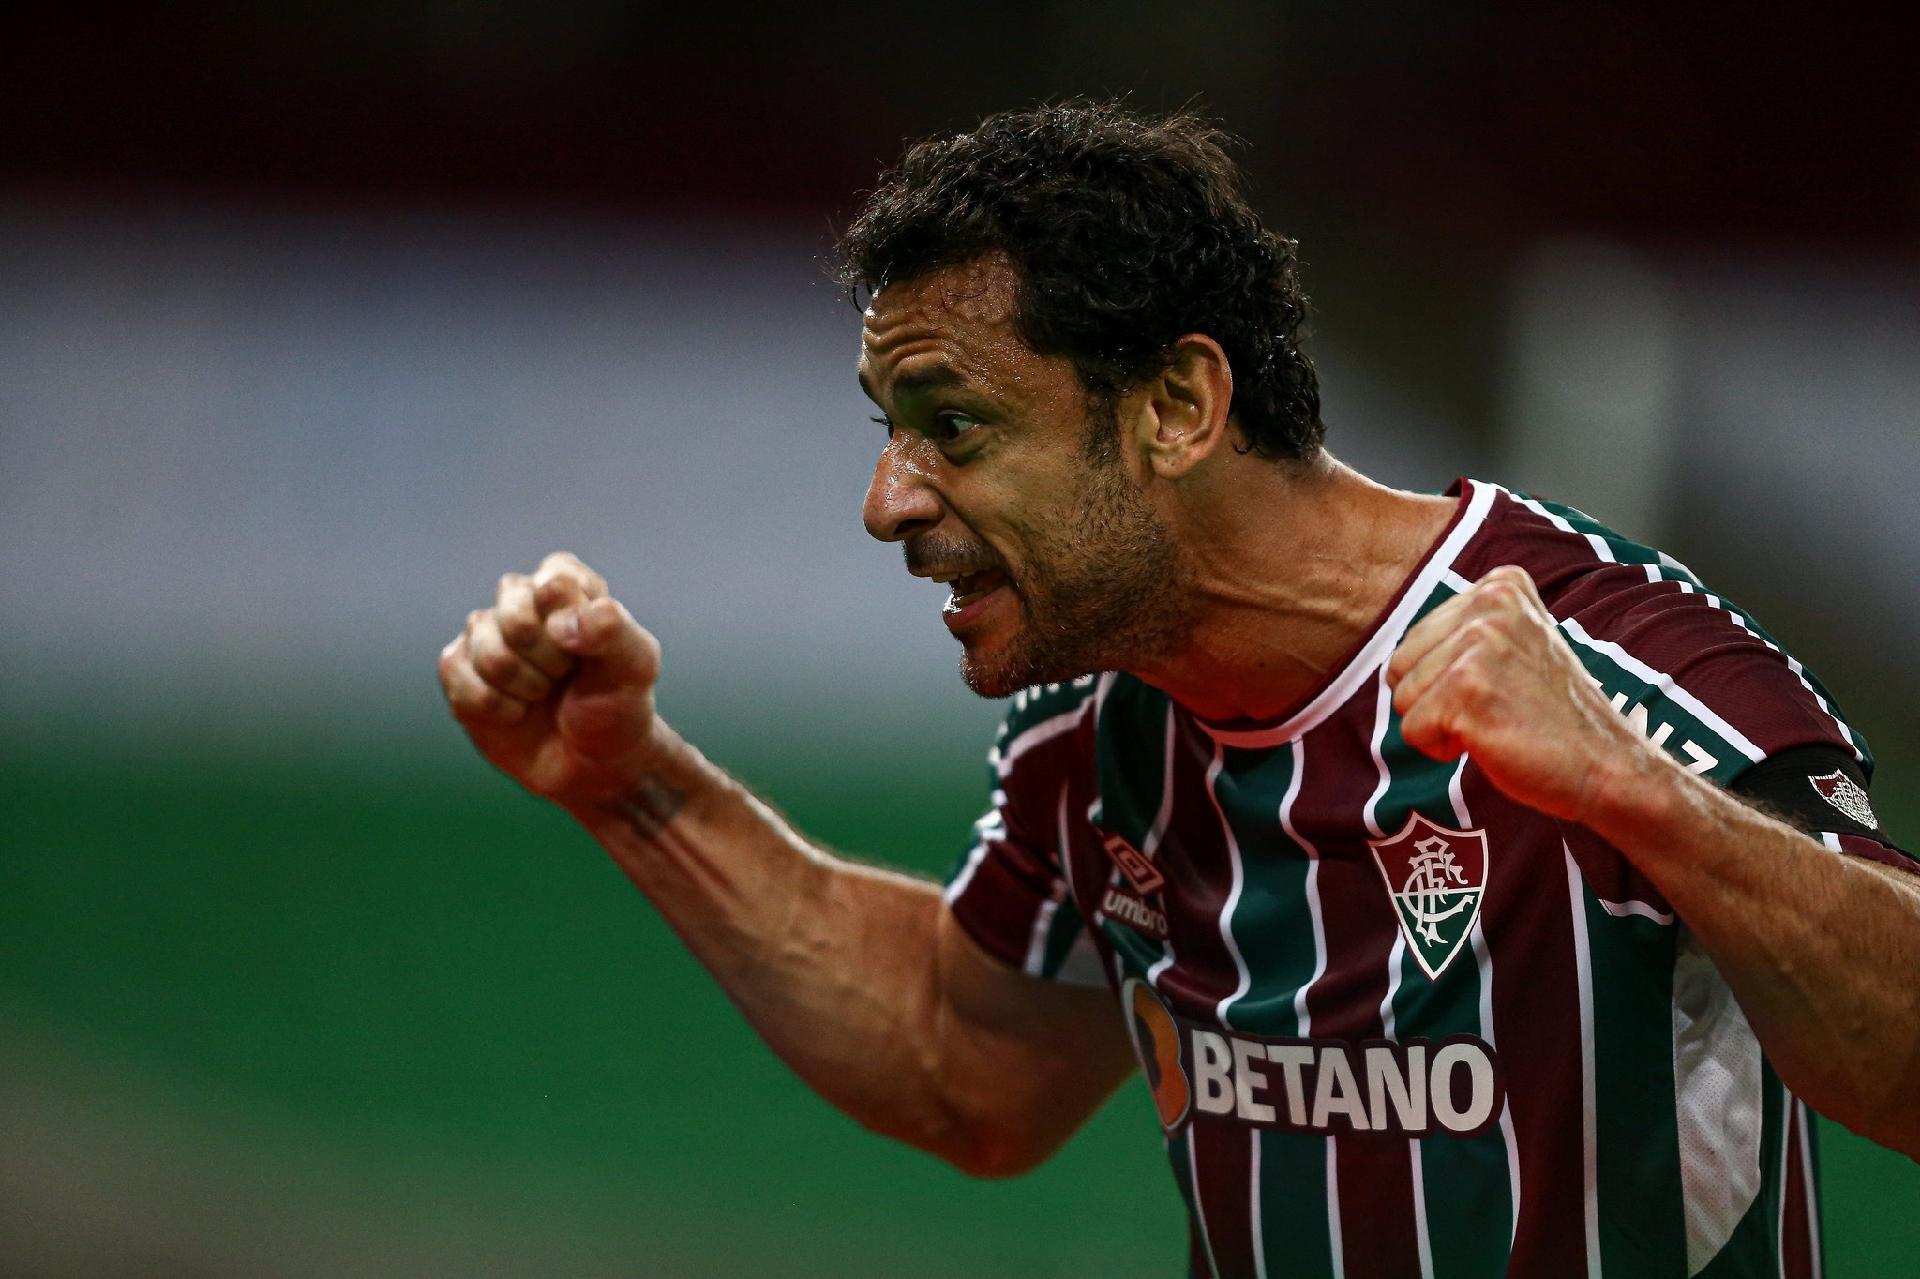 Fred celebra o seu gol na vitória do Fluminense sobre o Cerro, pela volta das oitavas da Libertadores